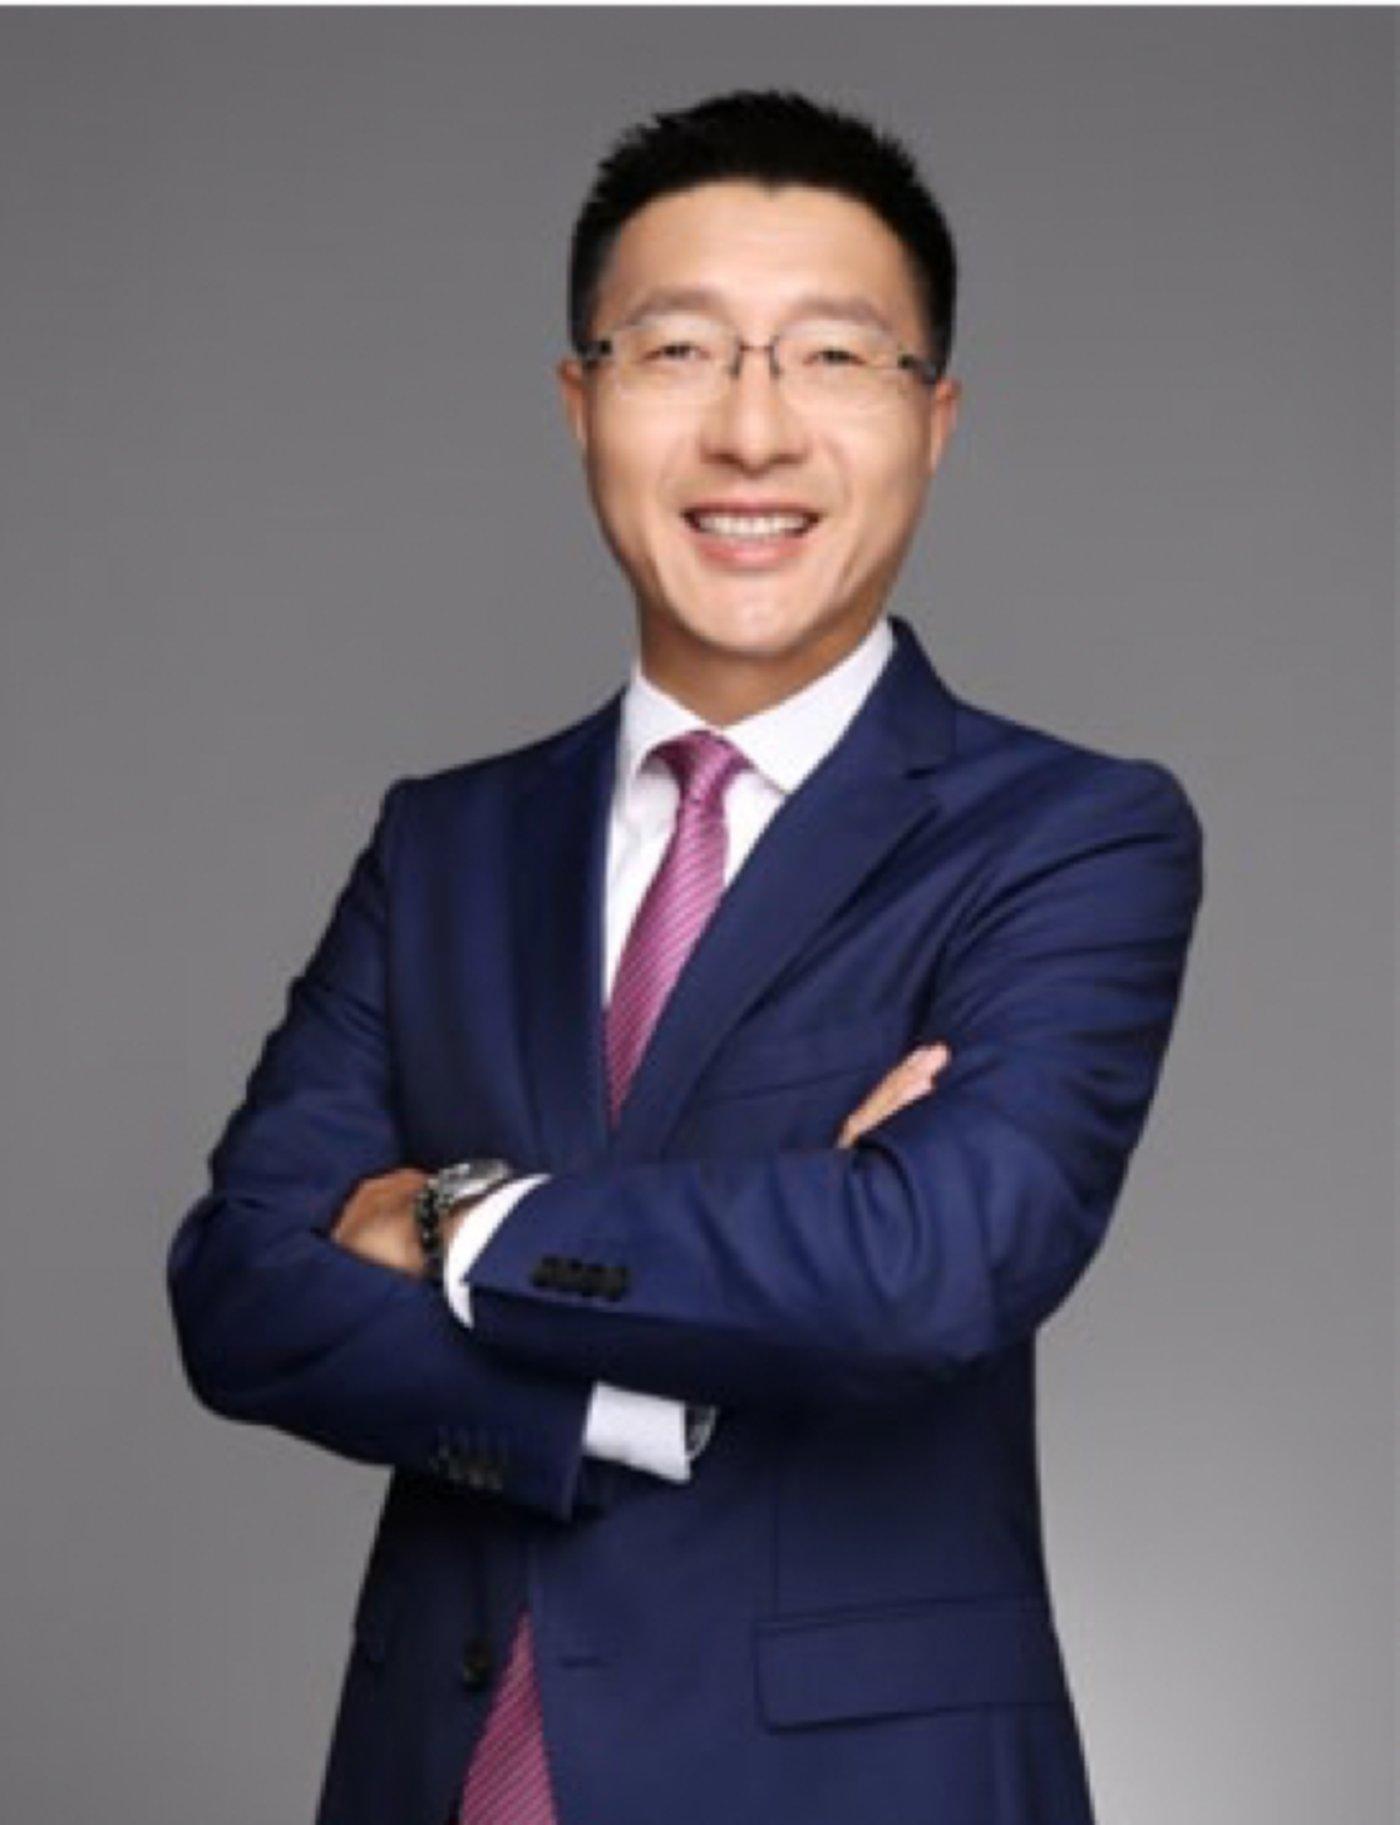 中南集团副总裁&首席信息官黄澄